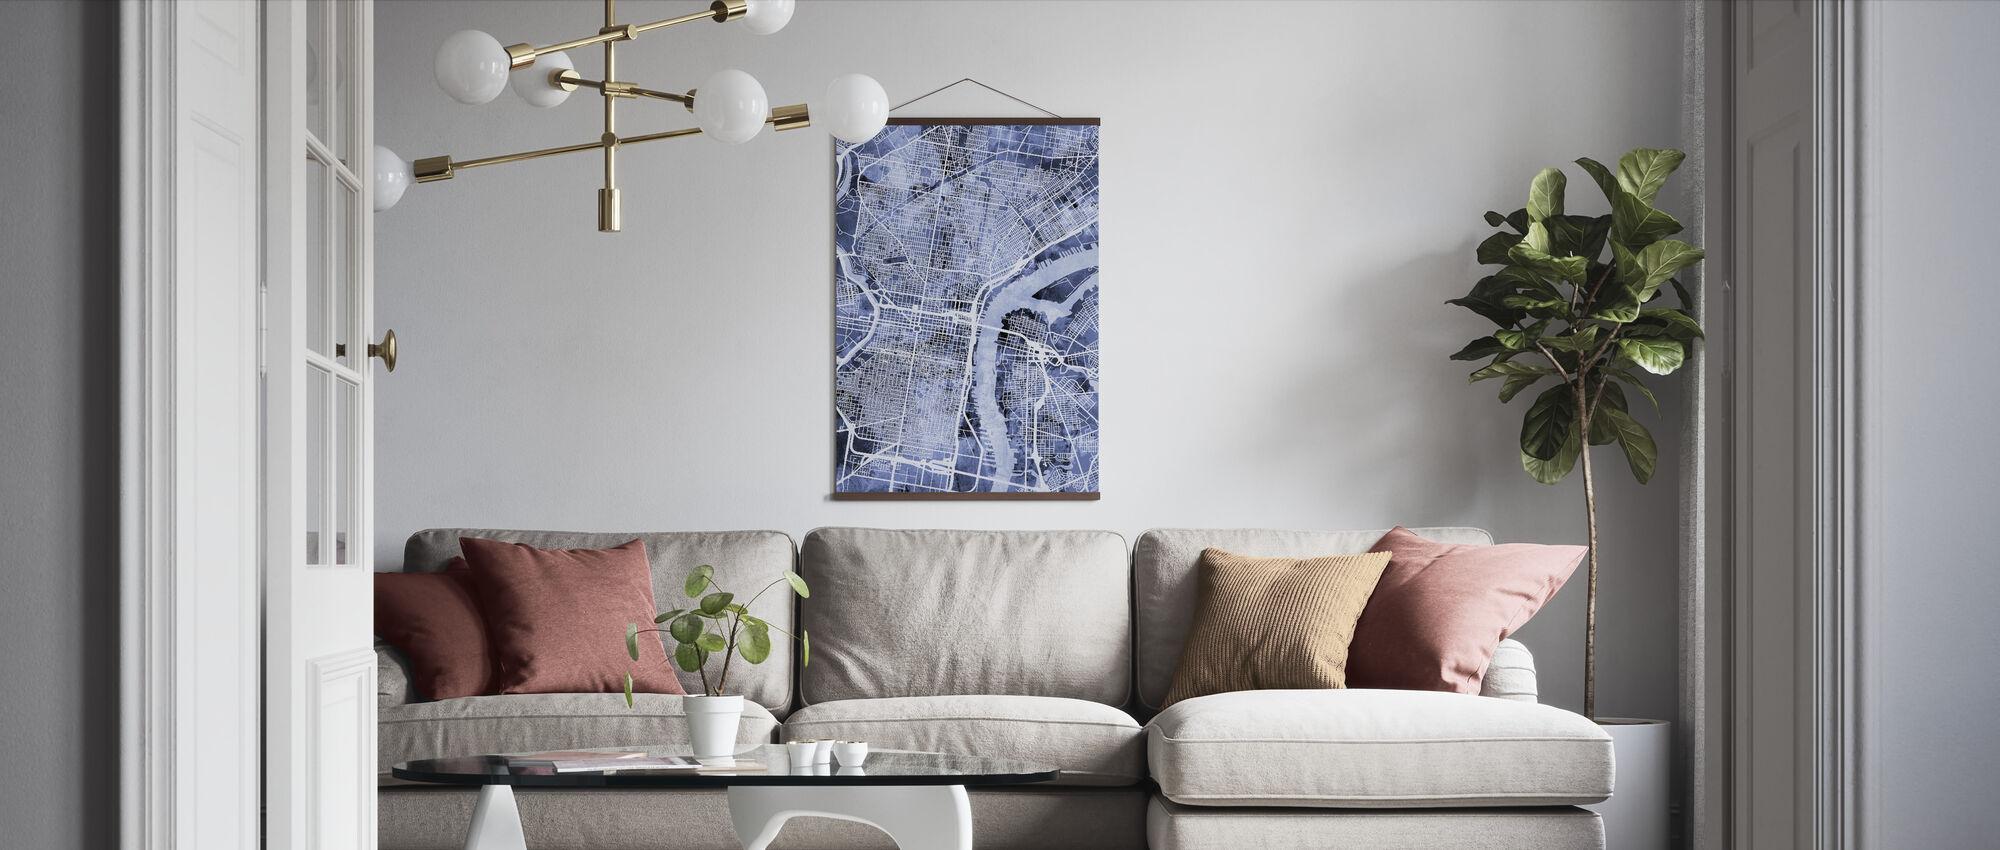 Philadelphia Pennsylvania City Street Map - Poster - Living Room